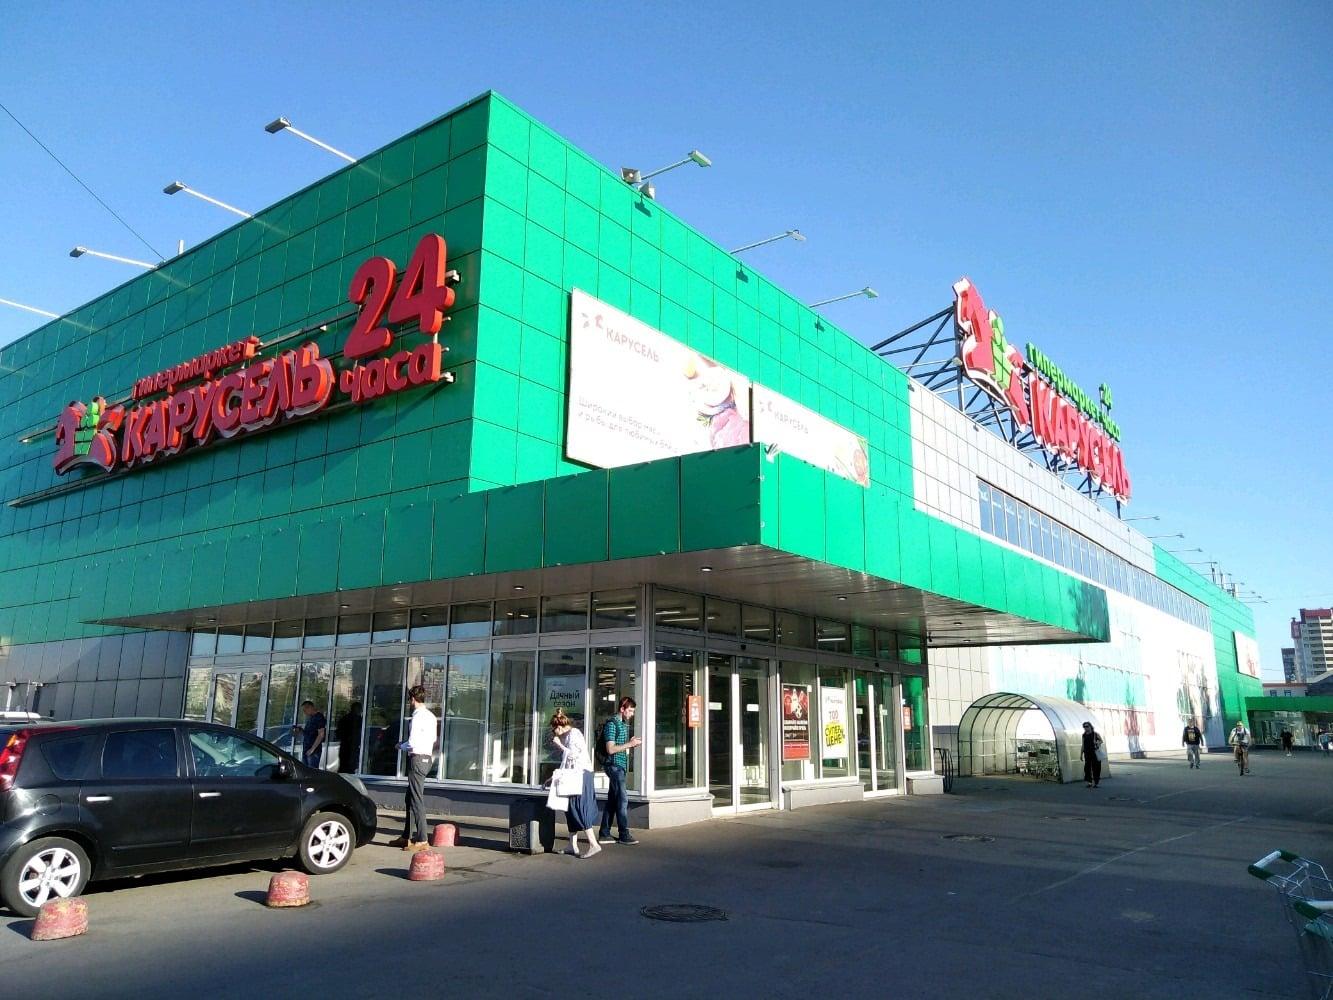 Почему закрывают магазины Карусель: сколько гипермаркетов закроют, причины